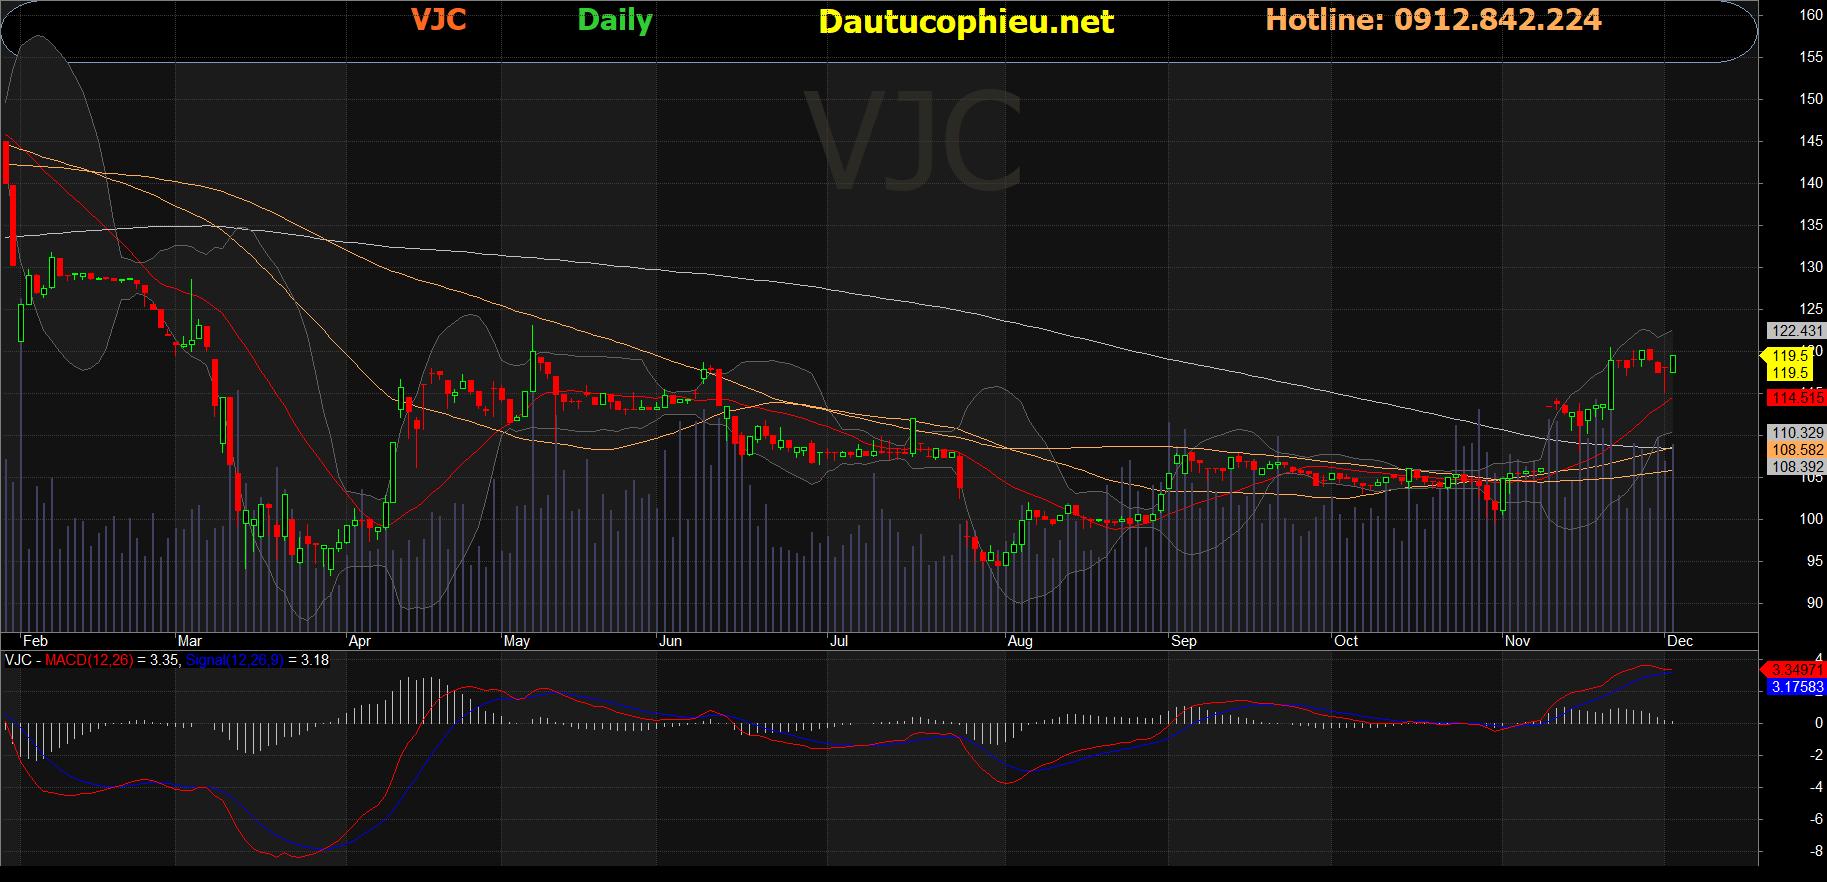 Cổ phiếu VJC